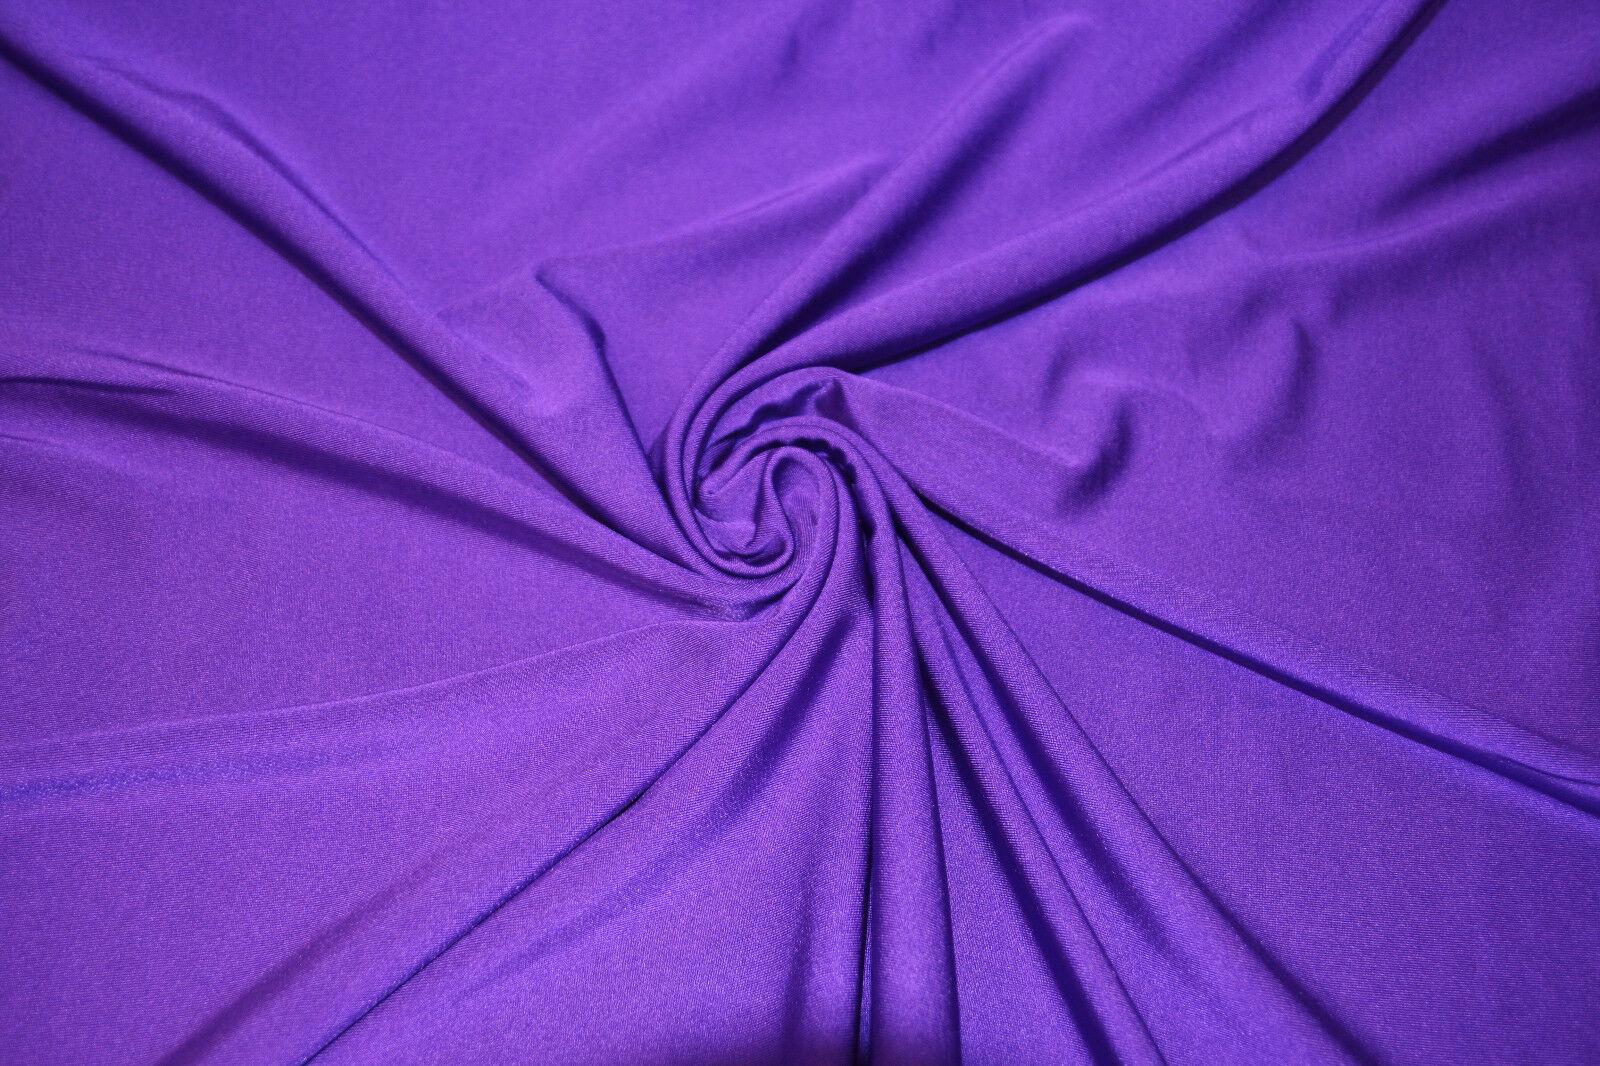 Эластичное волокно спандекс: какие еще характеристики есть у него?